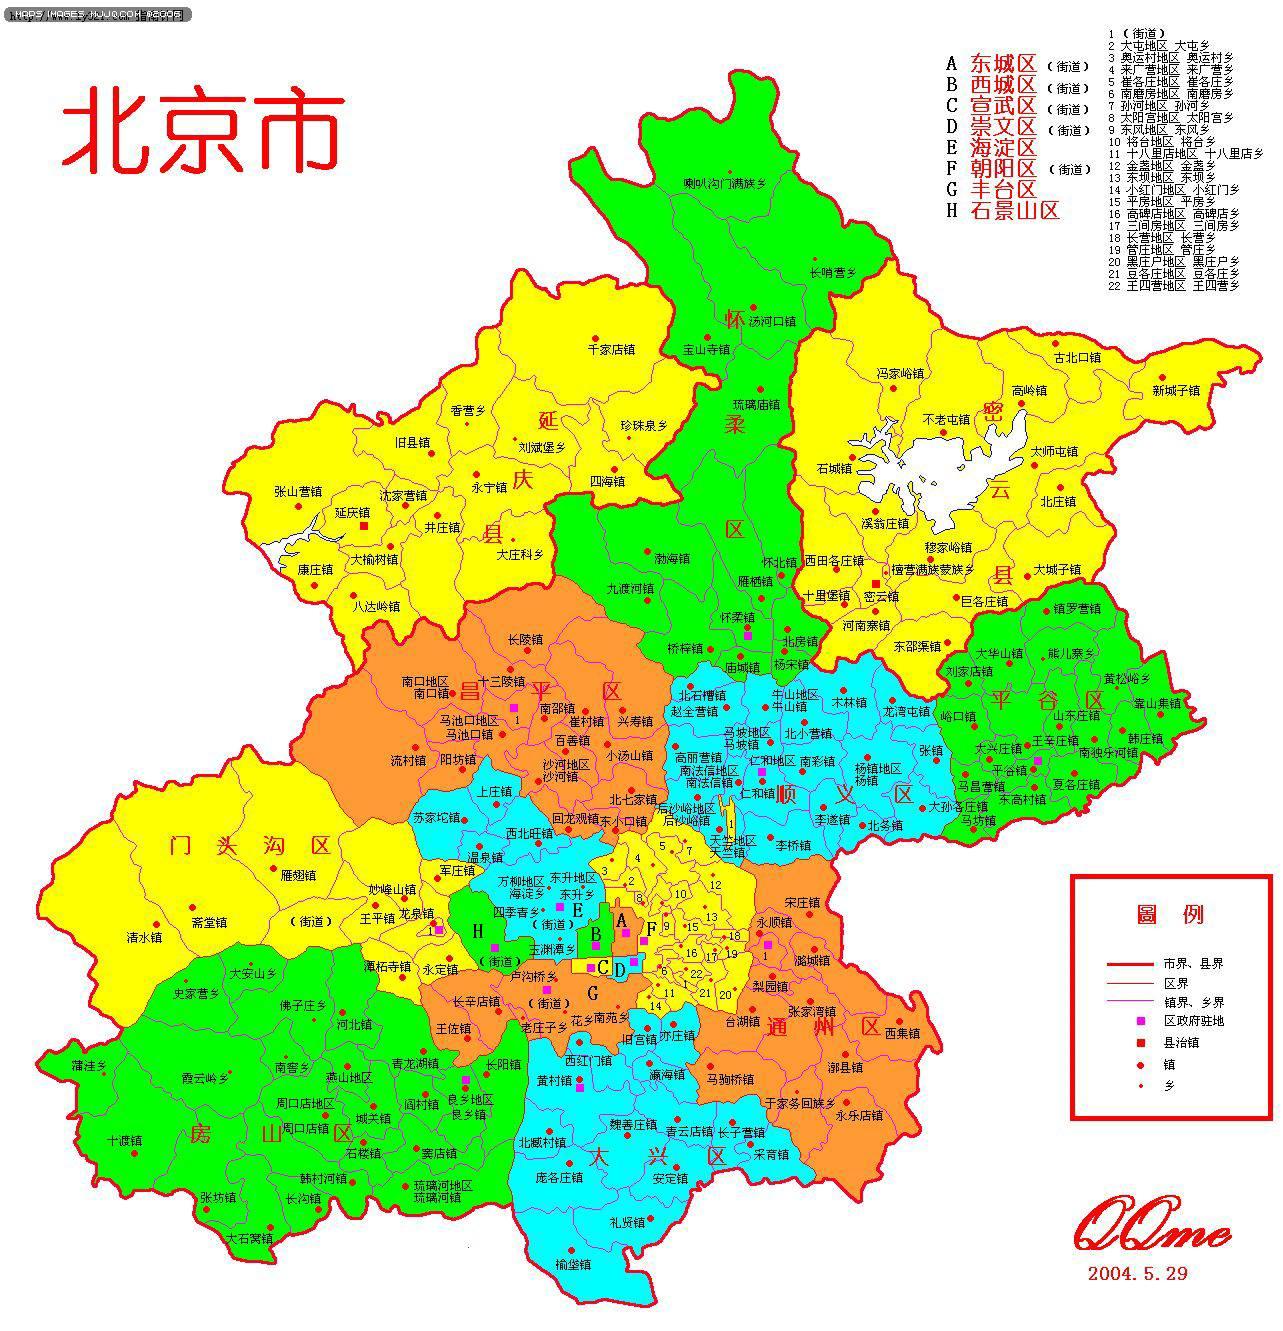 北京市鄉鎮地圖 - 北京旅遊地圖 中國地圖 - 美景旅遊網